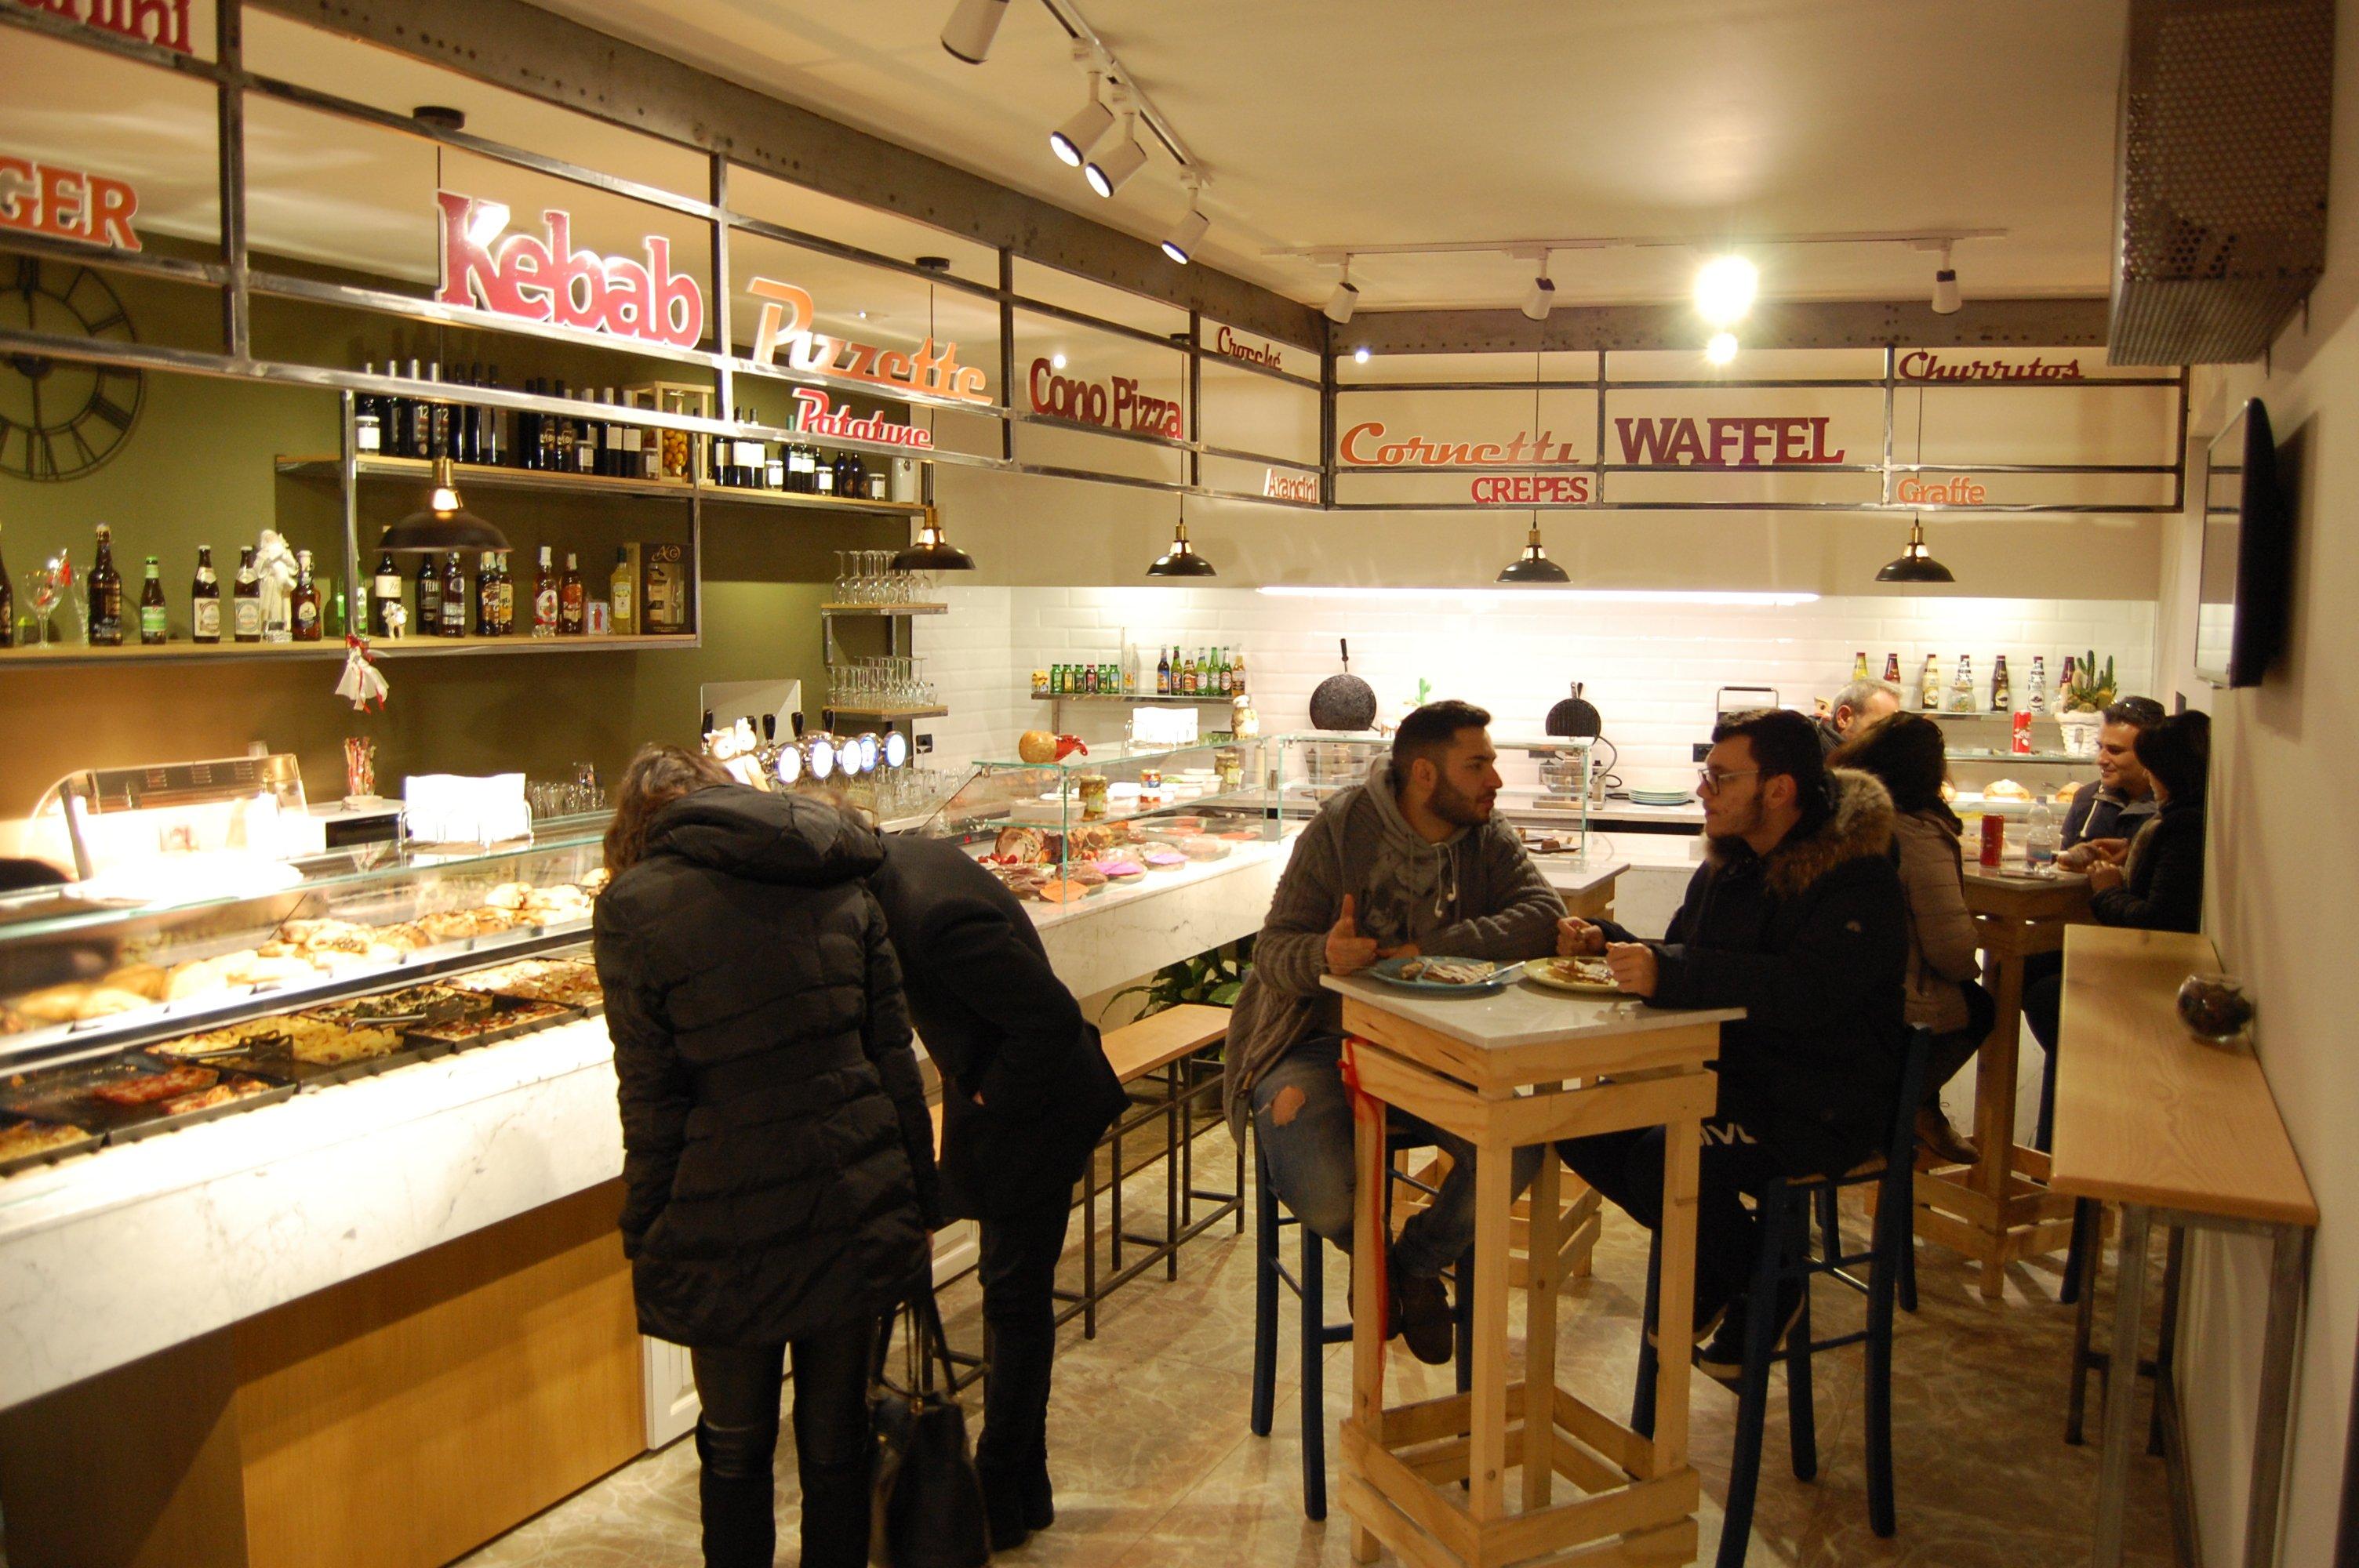 interno del locale con vetrine e clienti